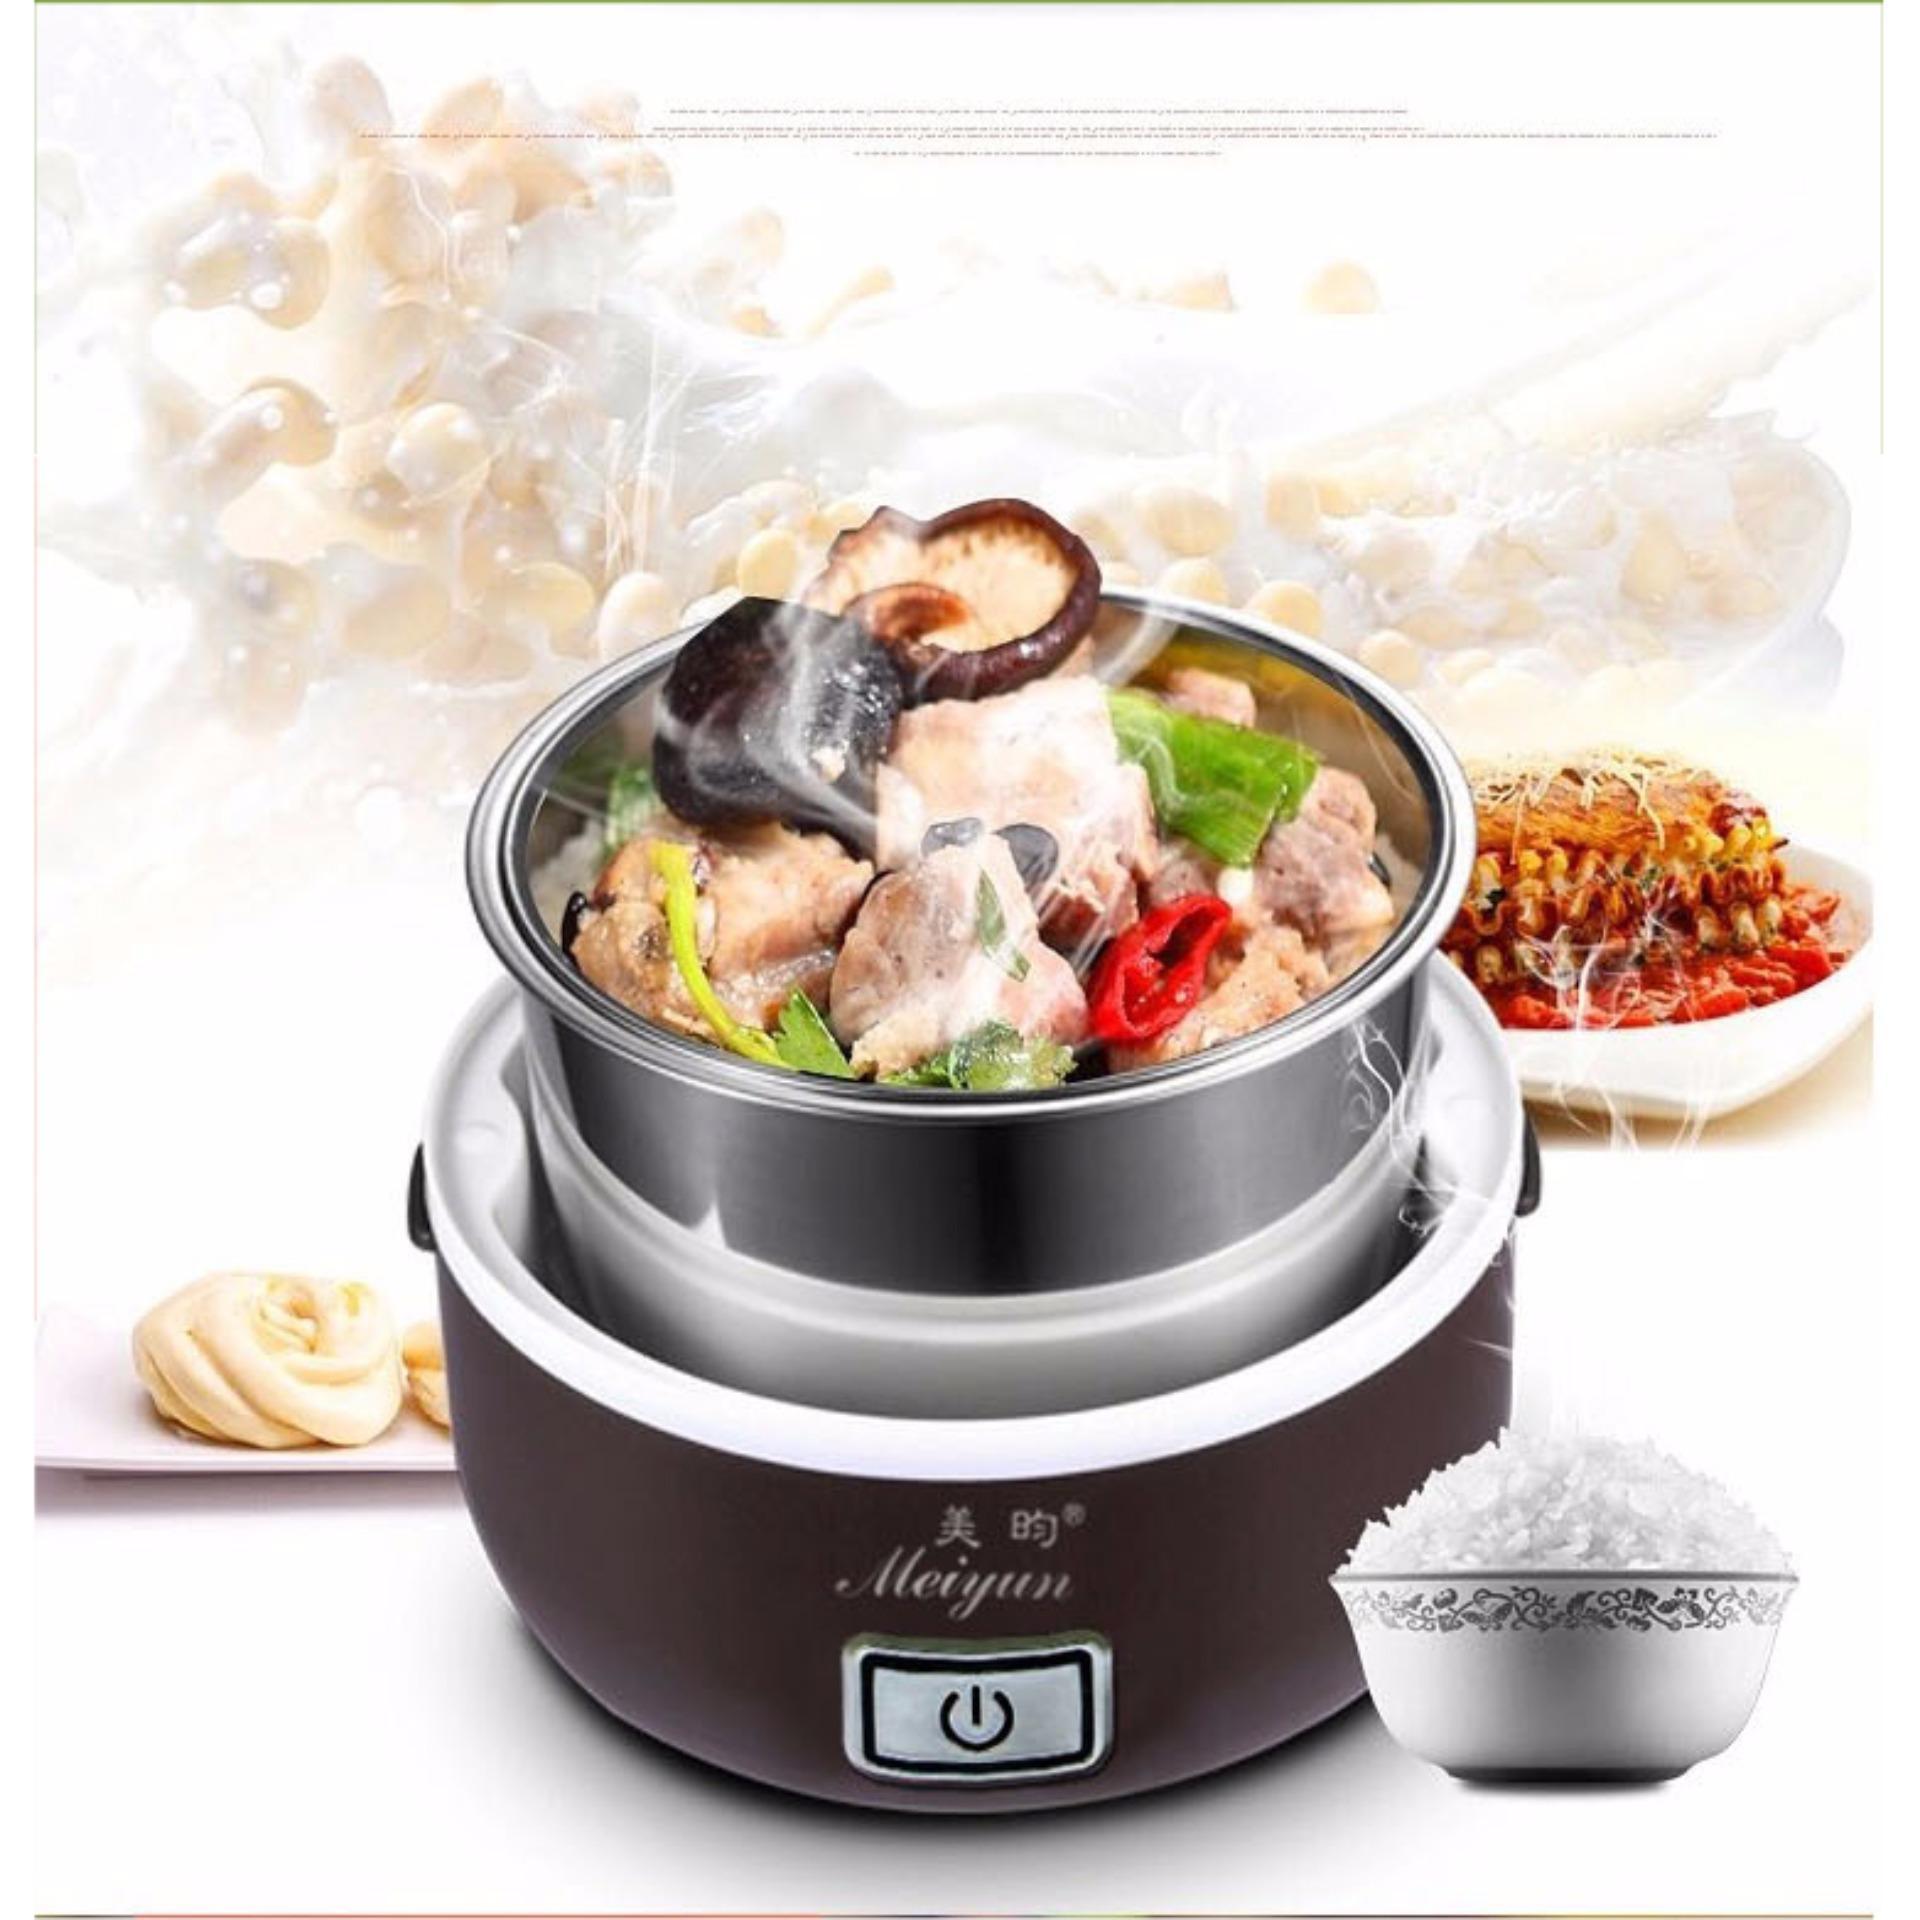 Hộp cơm hâm nóng cắm điện 2 tầng inox Meiyun (nâu) + tặng bô thìa đũa inox